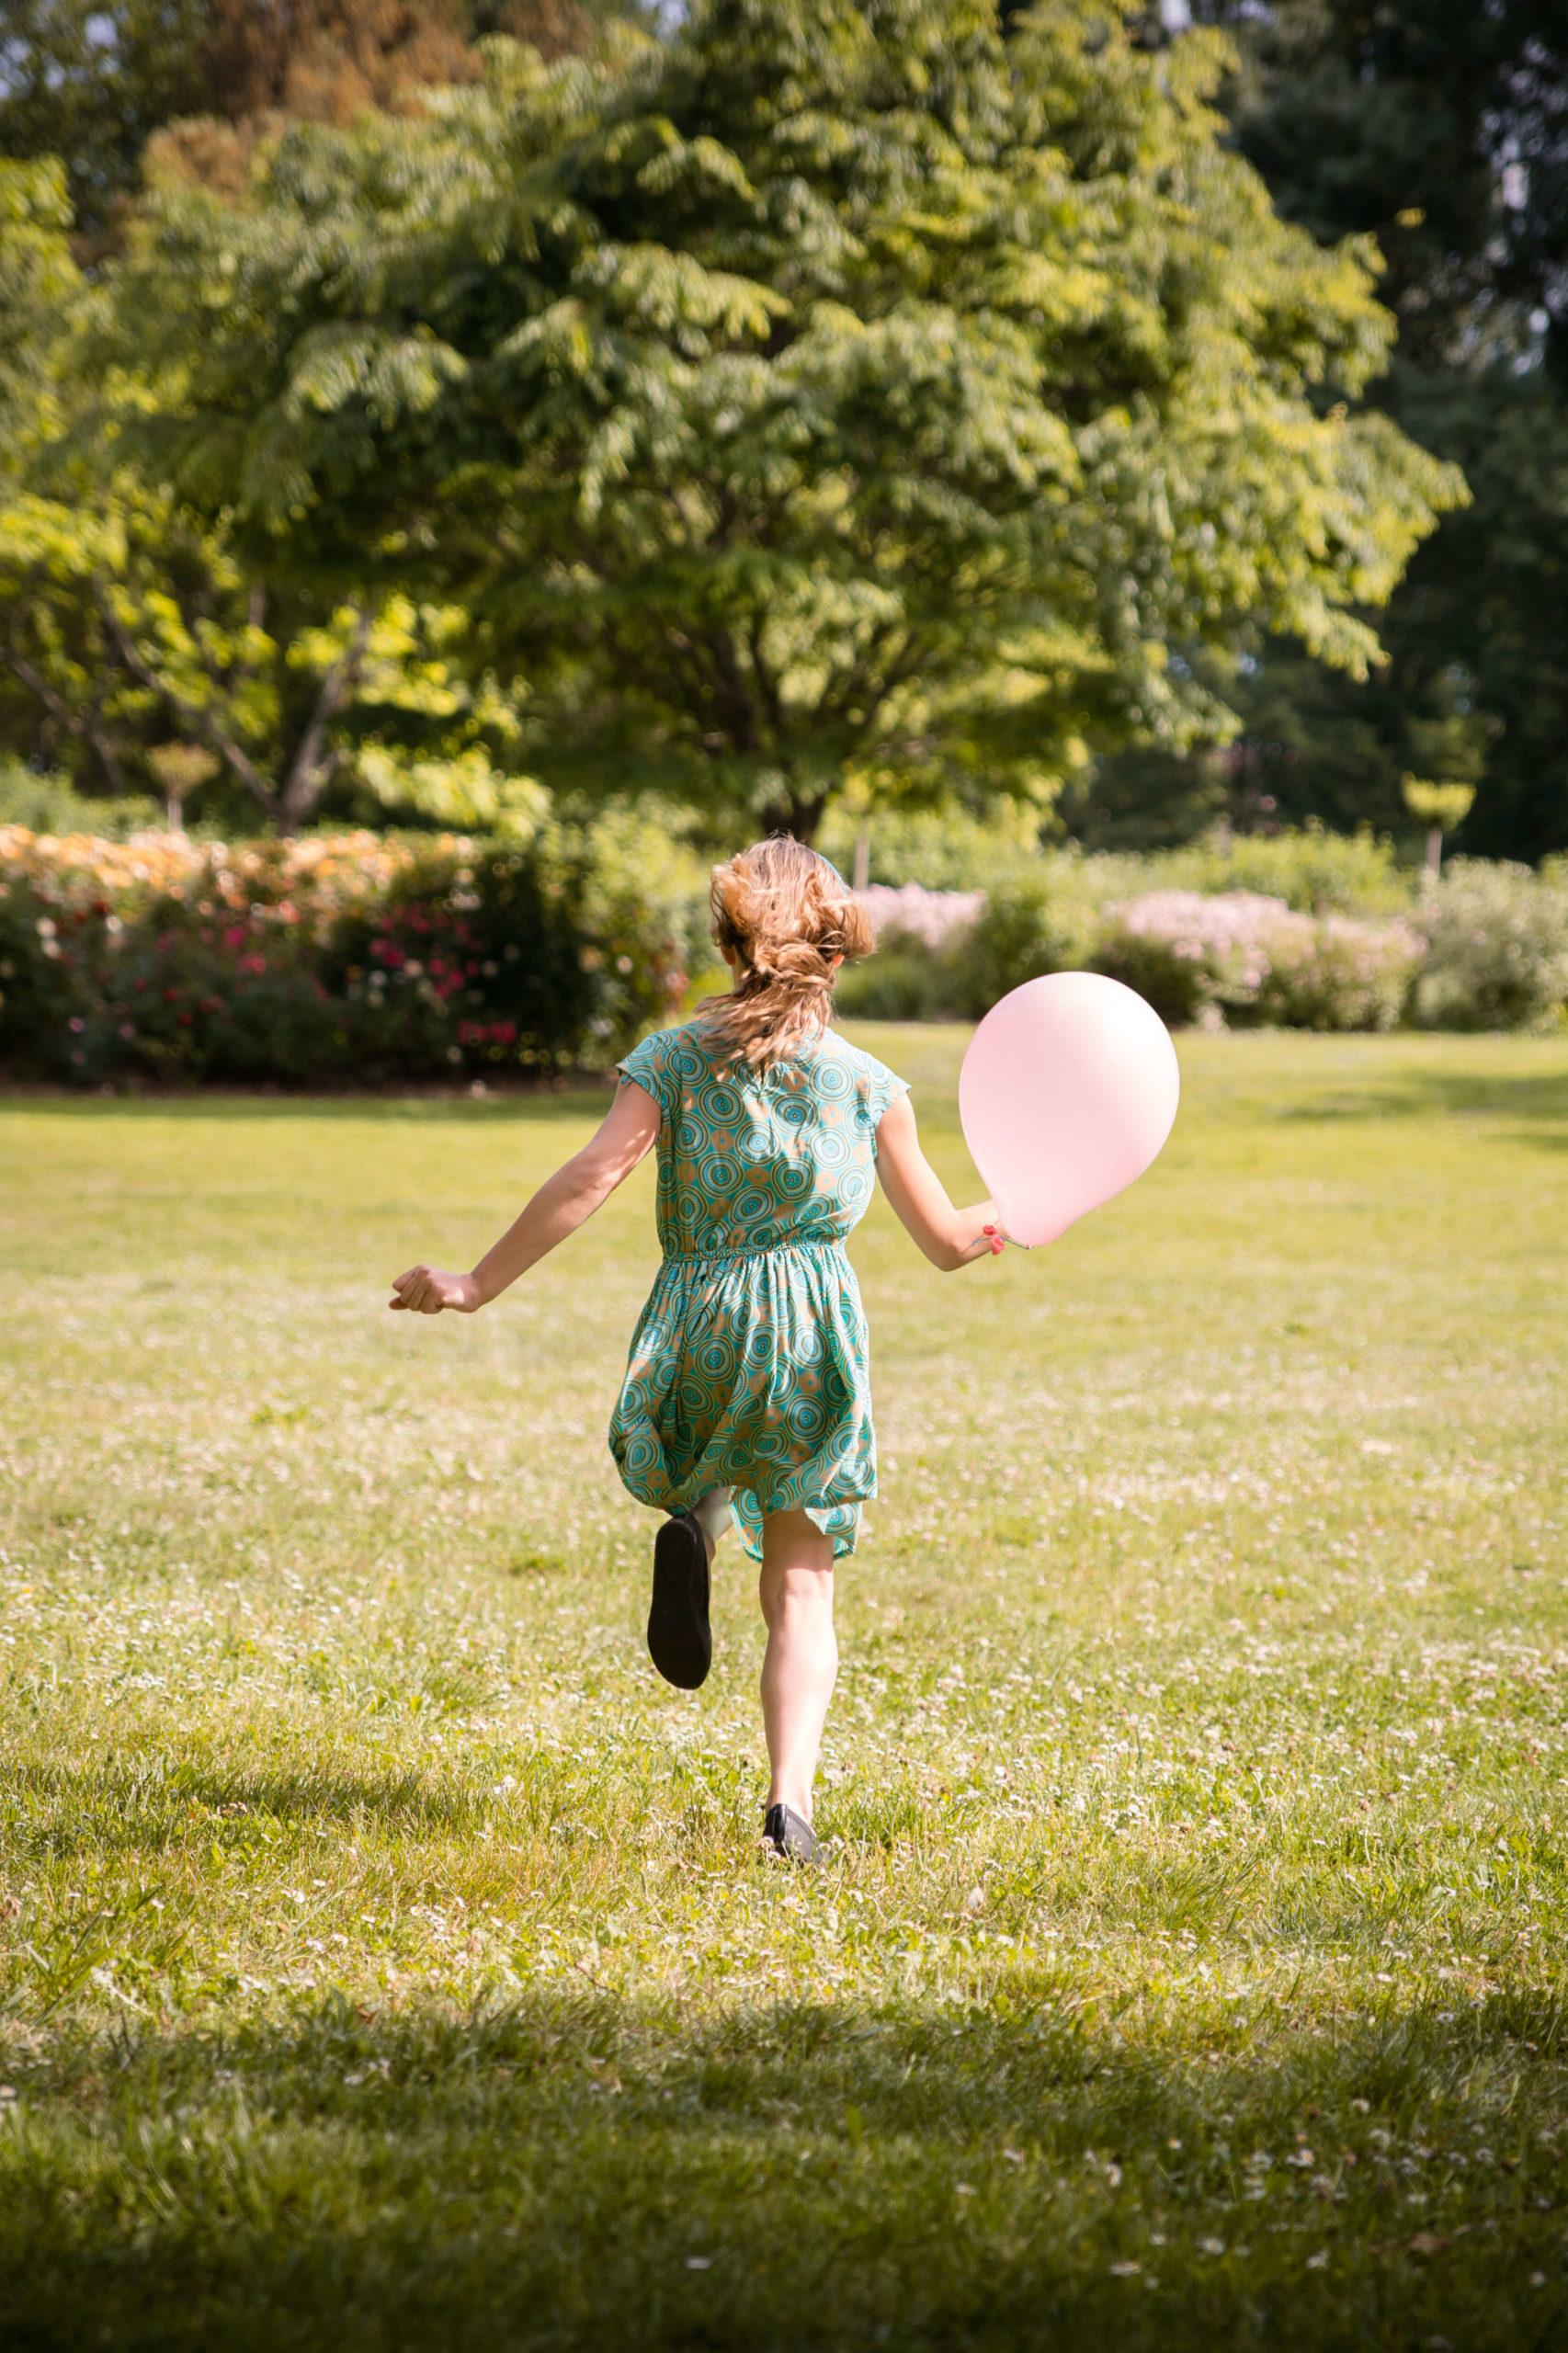 Photographie d'une petite fille de dos, s'éloignant en courant, tenant un ballon gonflable.